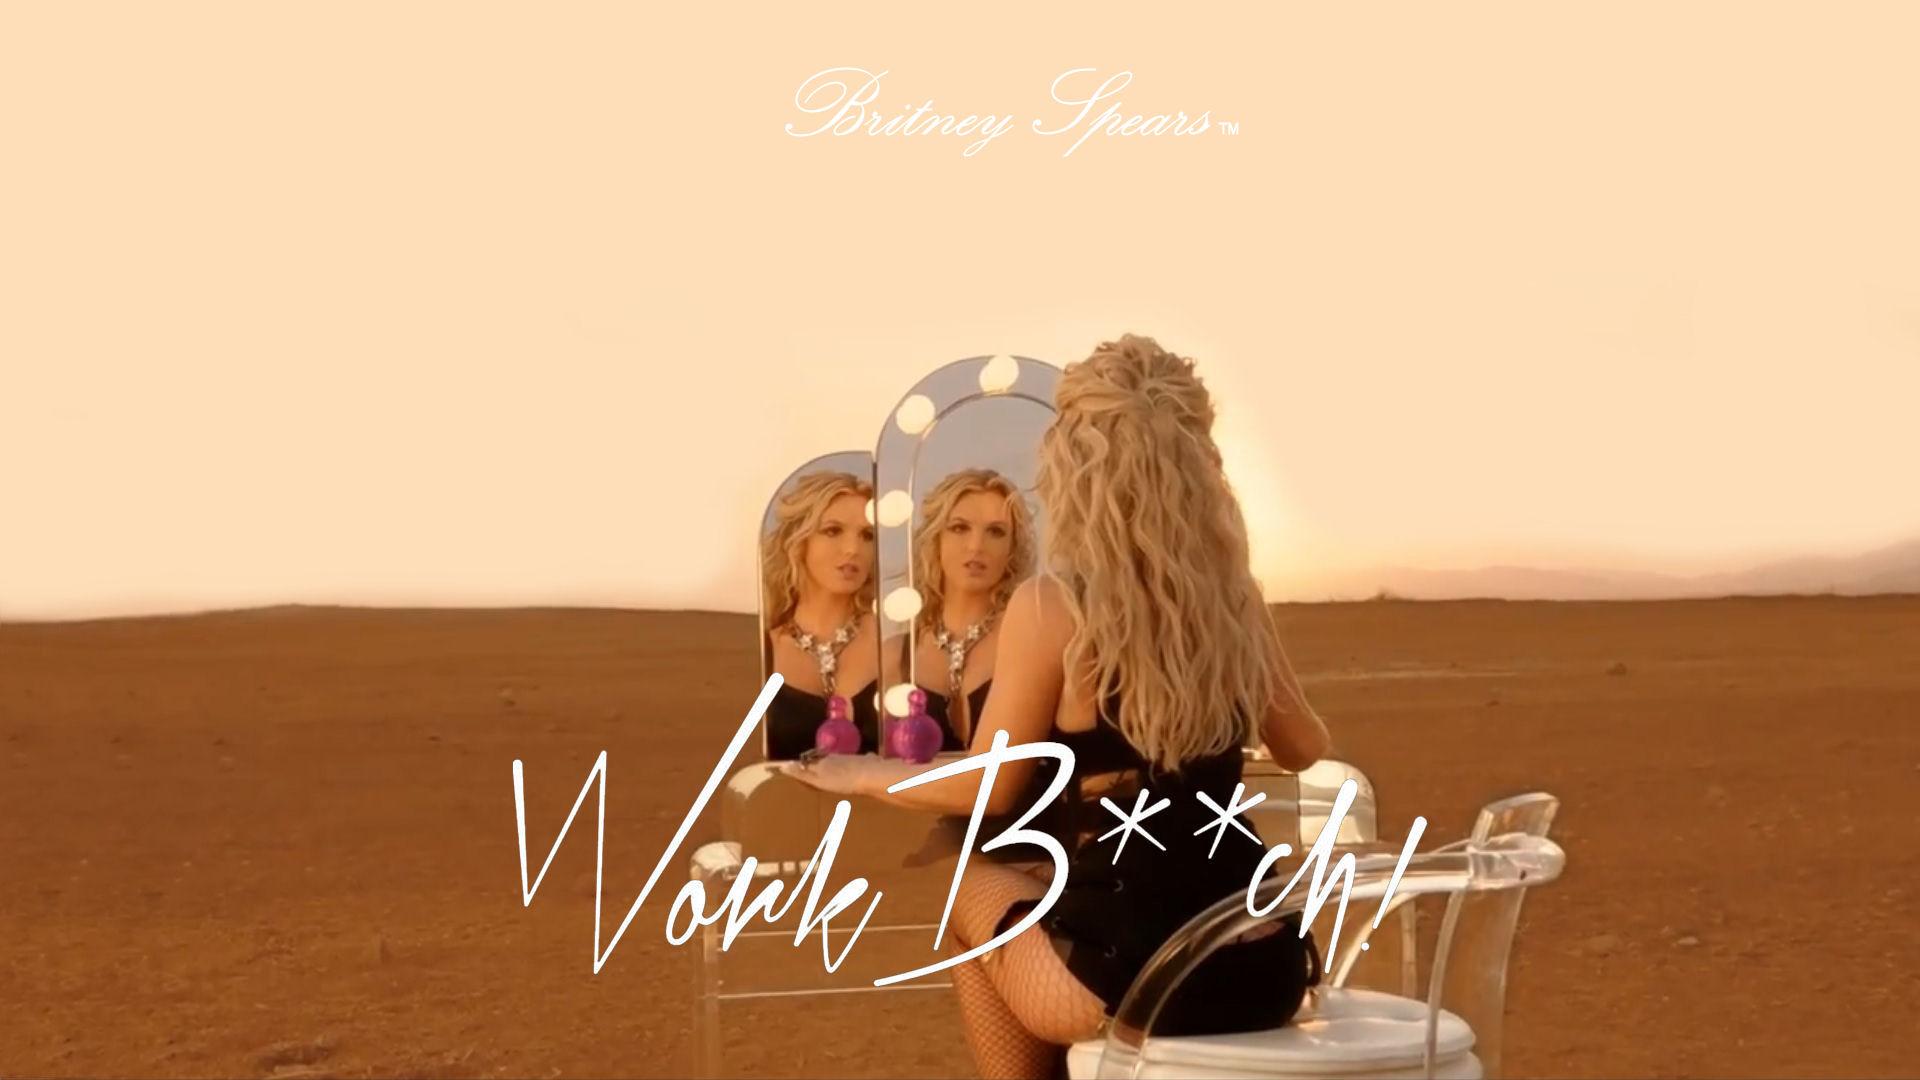 Britney spears work bitch uncensored version